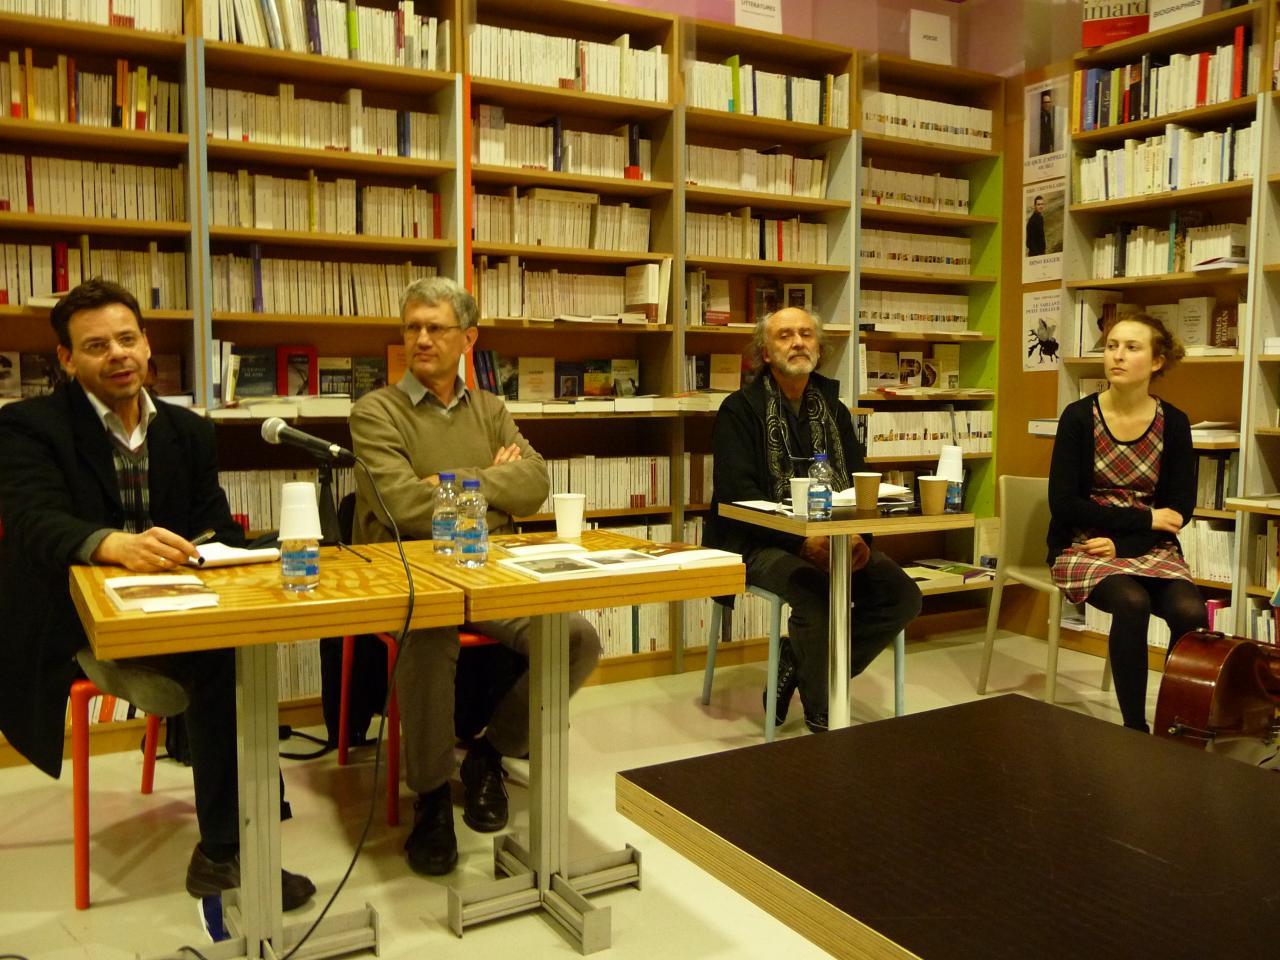 06/12/2011, Librairie Etudes, Toulouse (avec Patrick Marot, Yves Gourmelon, Oriane Fohr)